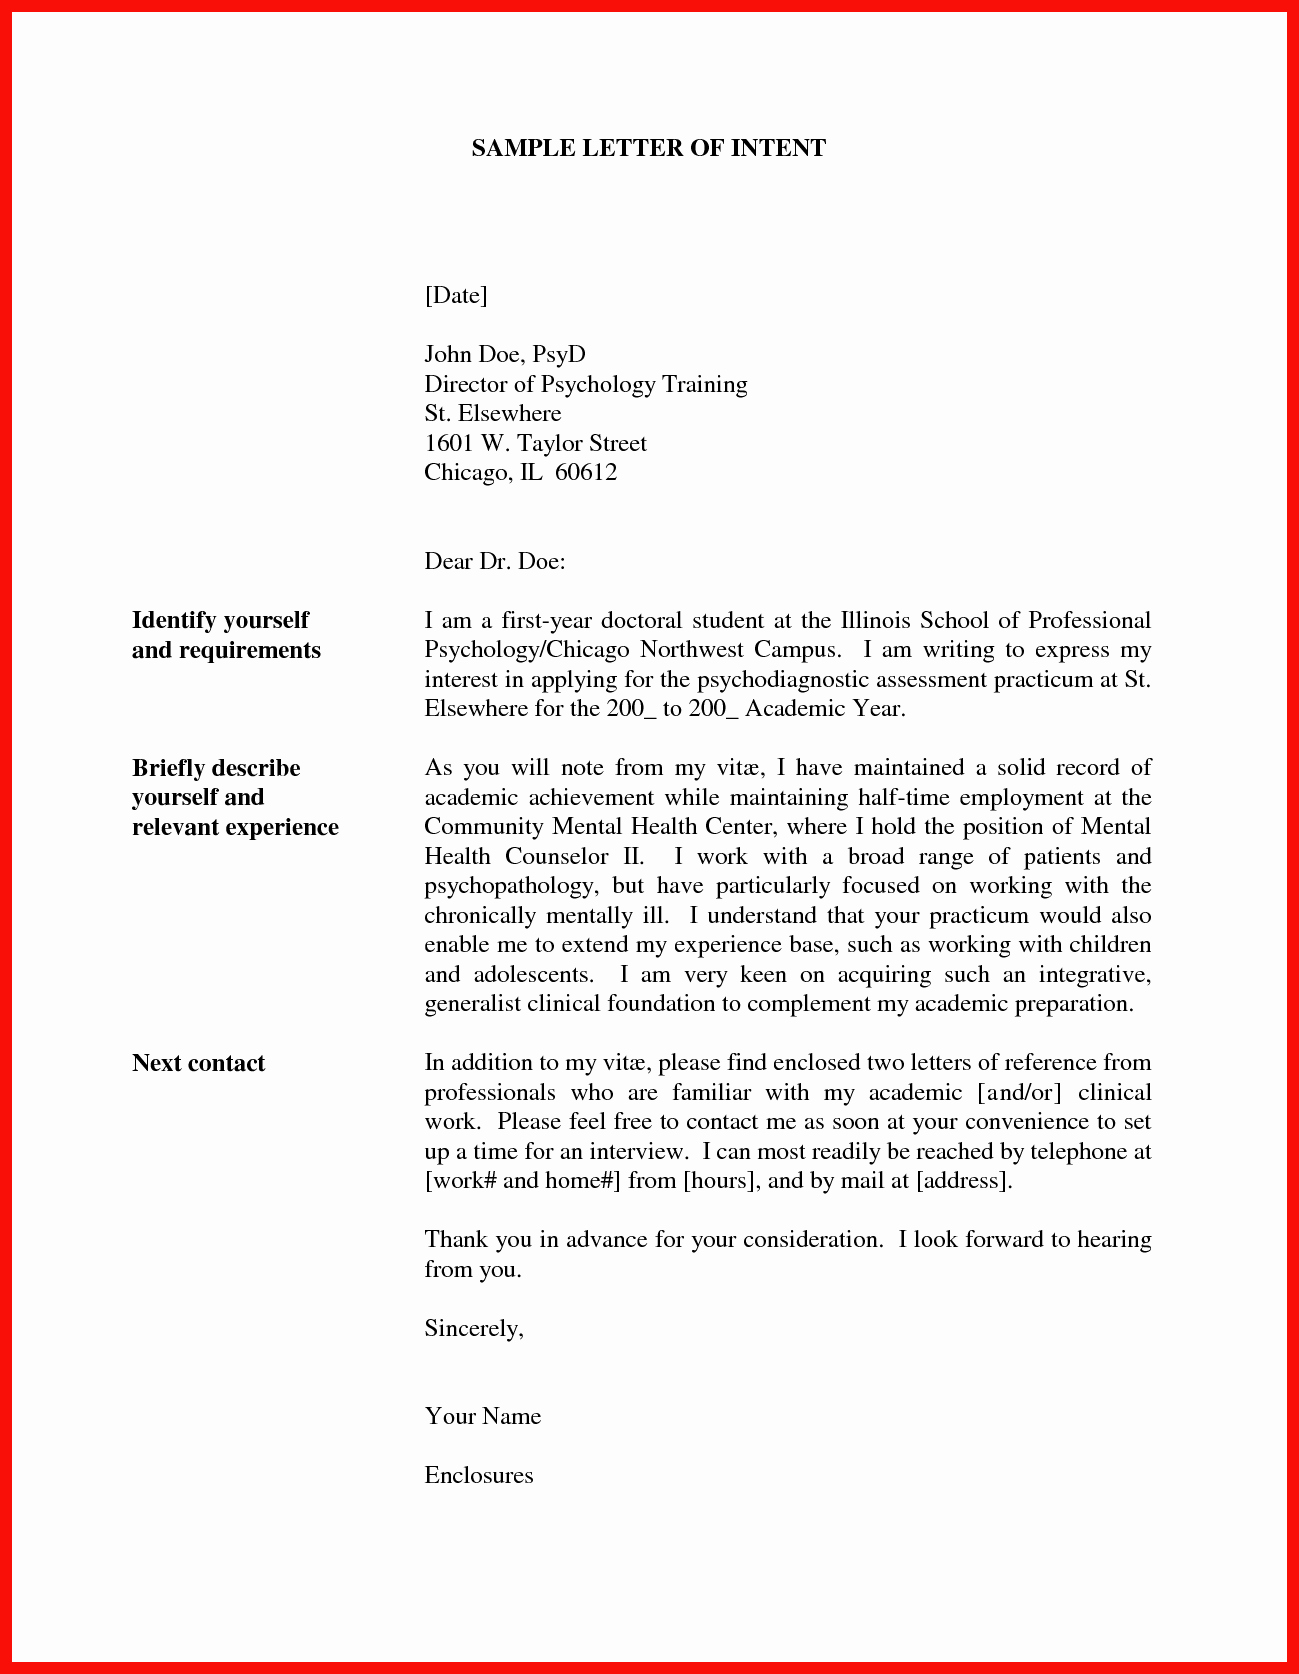 Resume Letter Of Interest